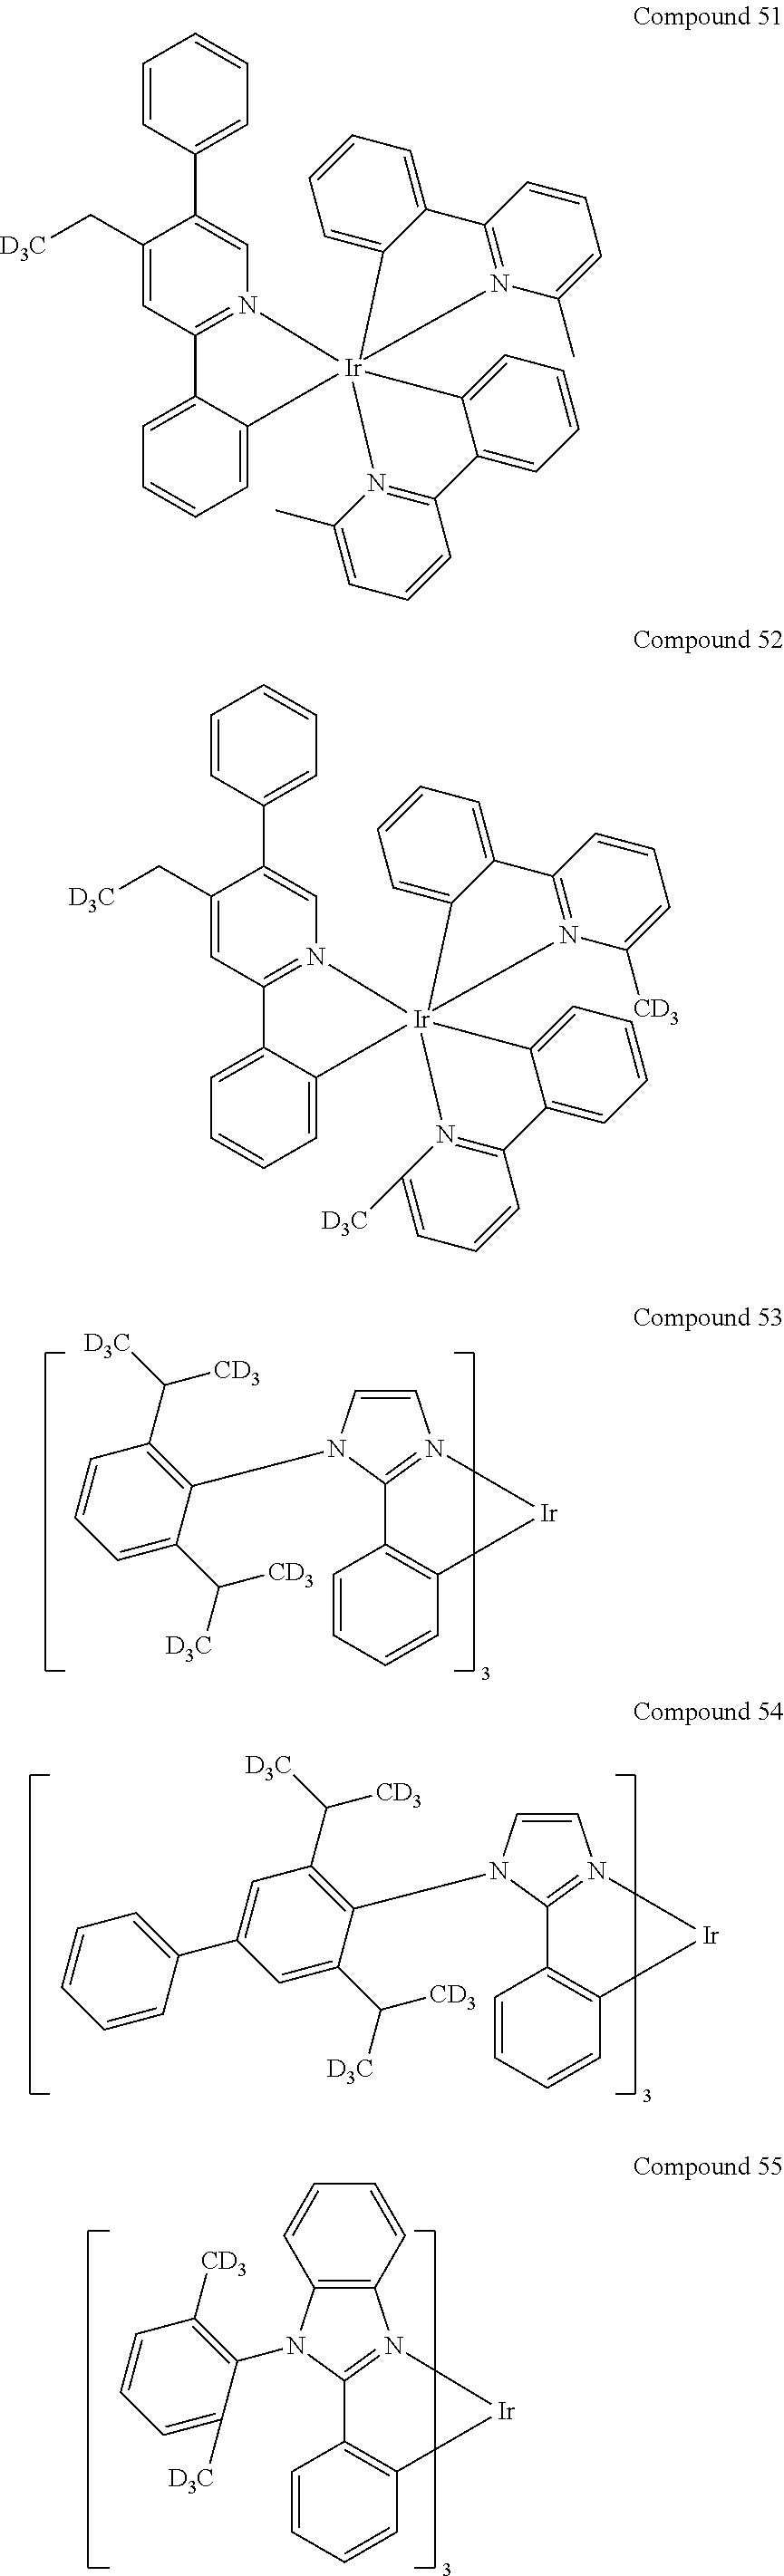 Figure US20100270916A1-20101028-C00172